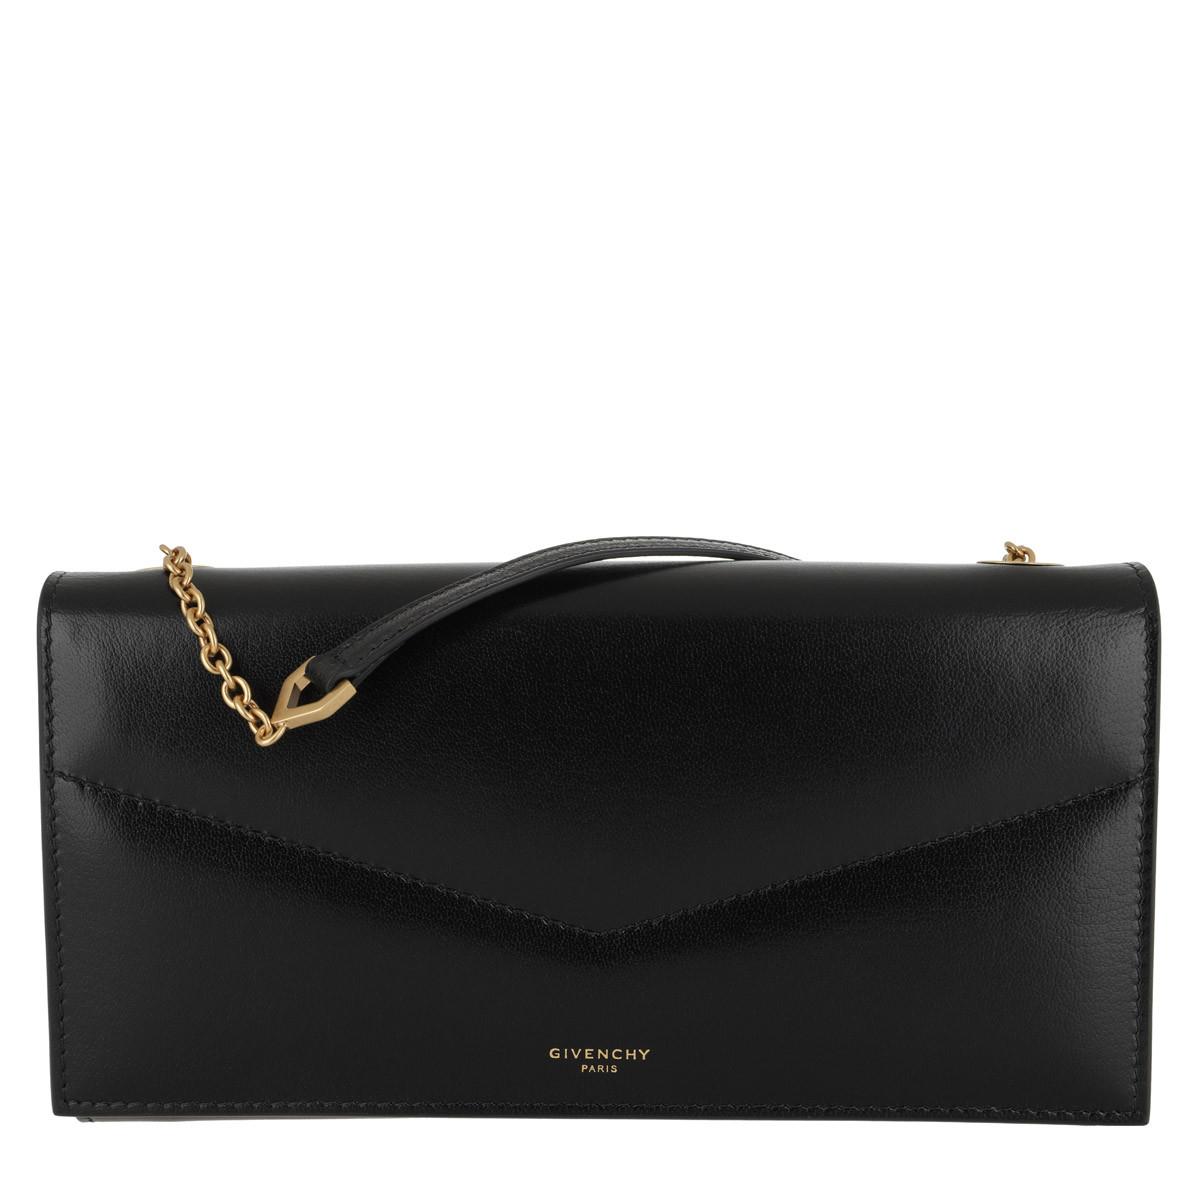 Givenchy Umhängetasche - Wallet On Chain Leather Black - in schwarz - für Damen